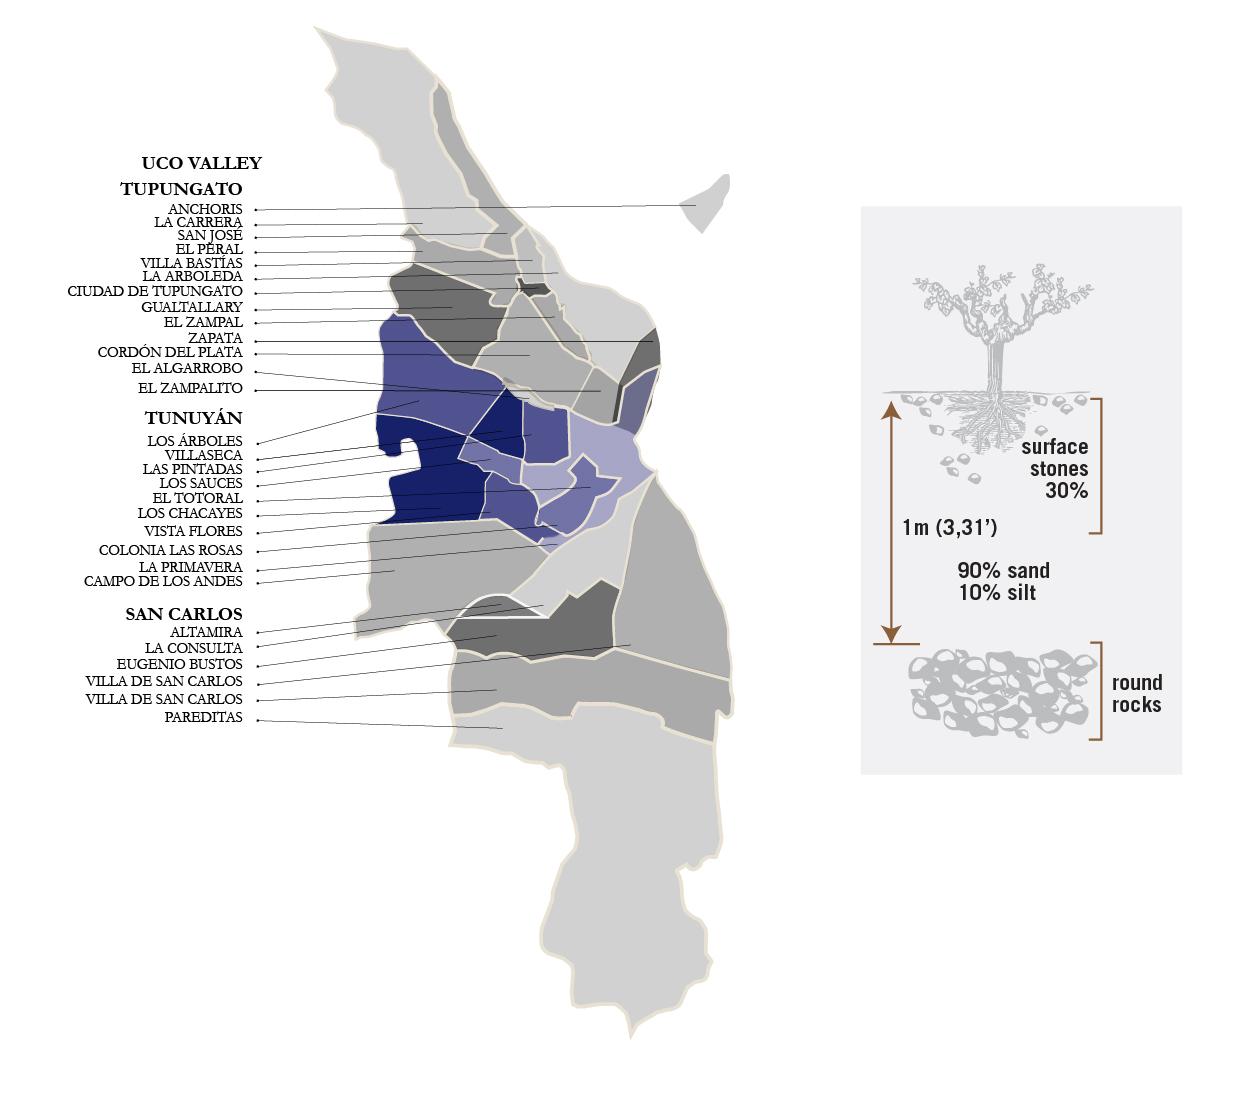 mza-map-01-01-01